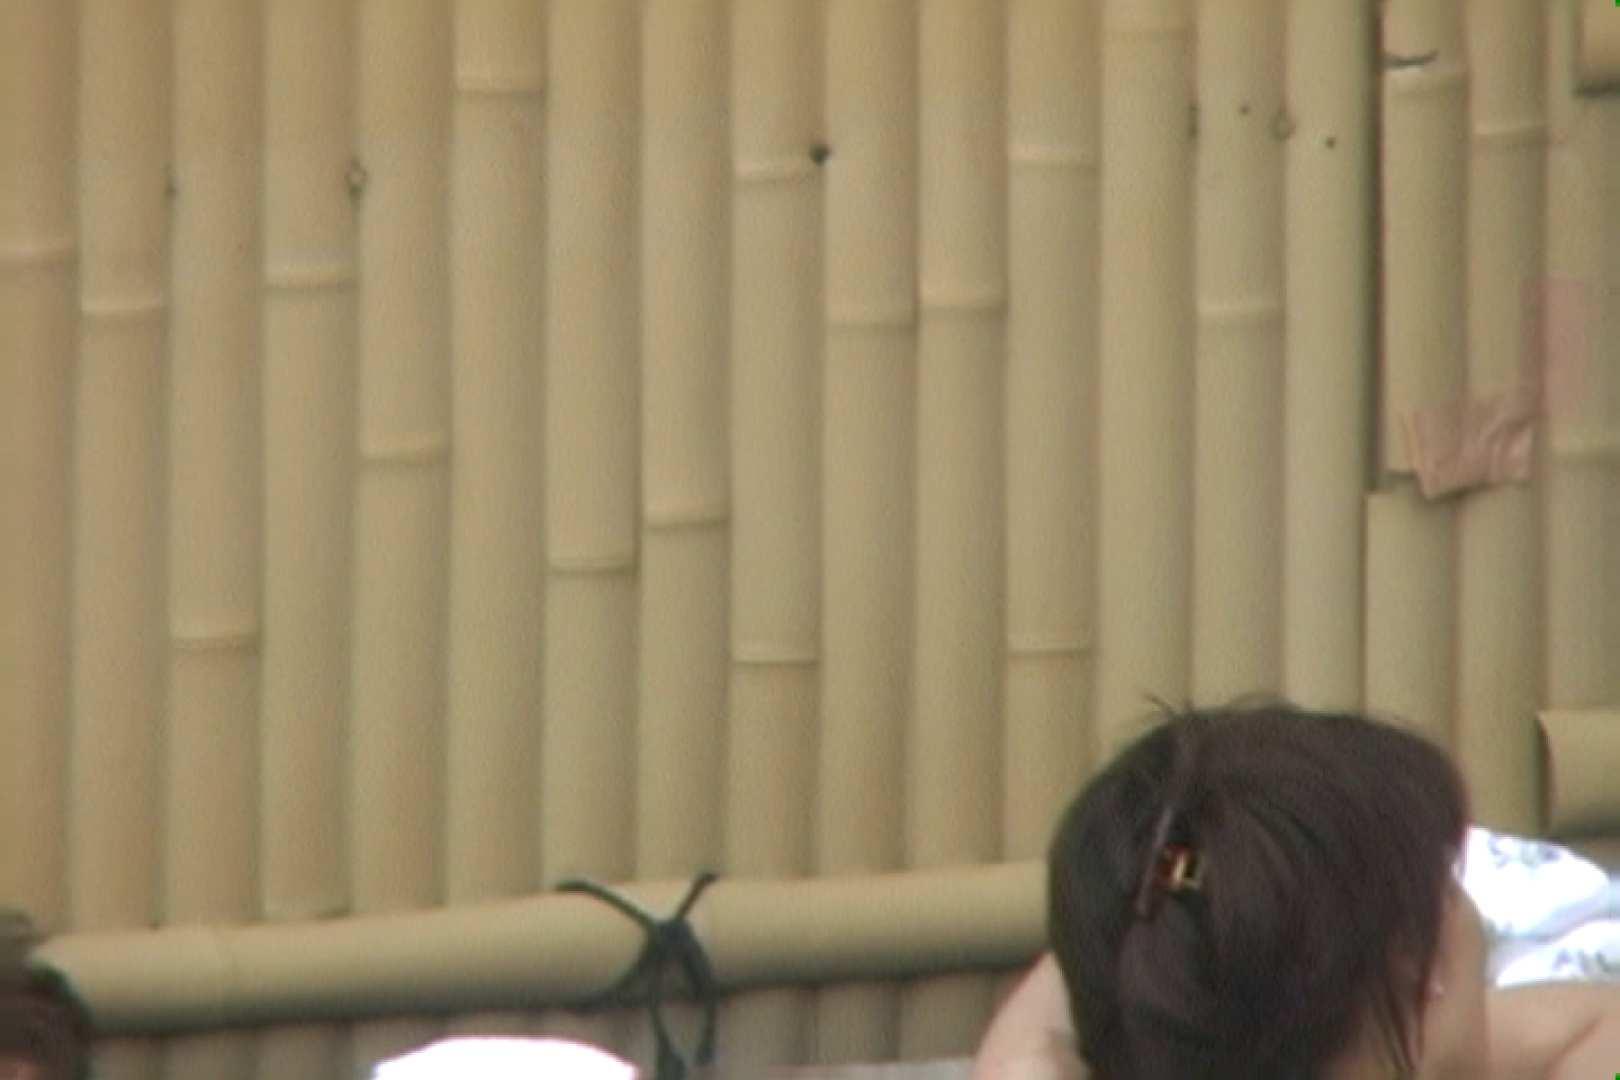 高画質露天女風呂観察 vol.003 高画質 おめこ無修正画像 80pic 60